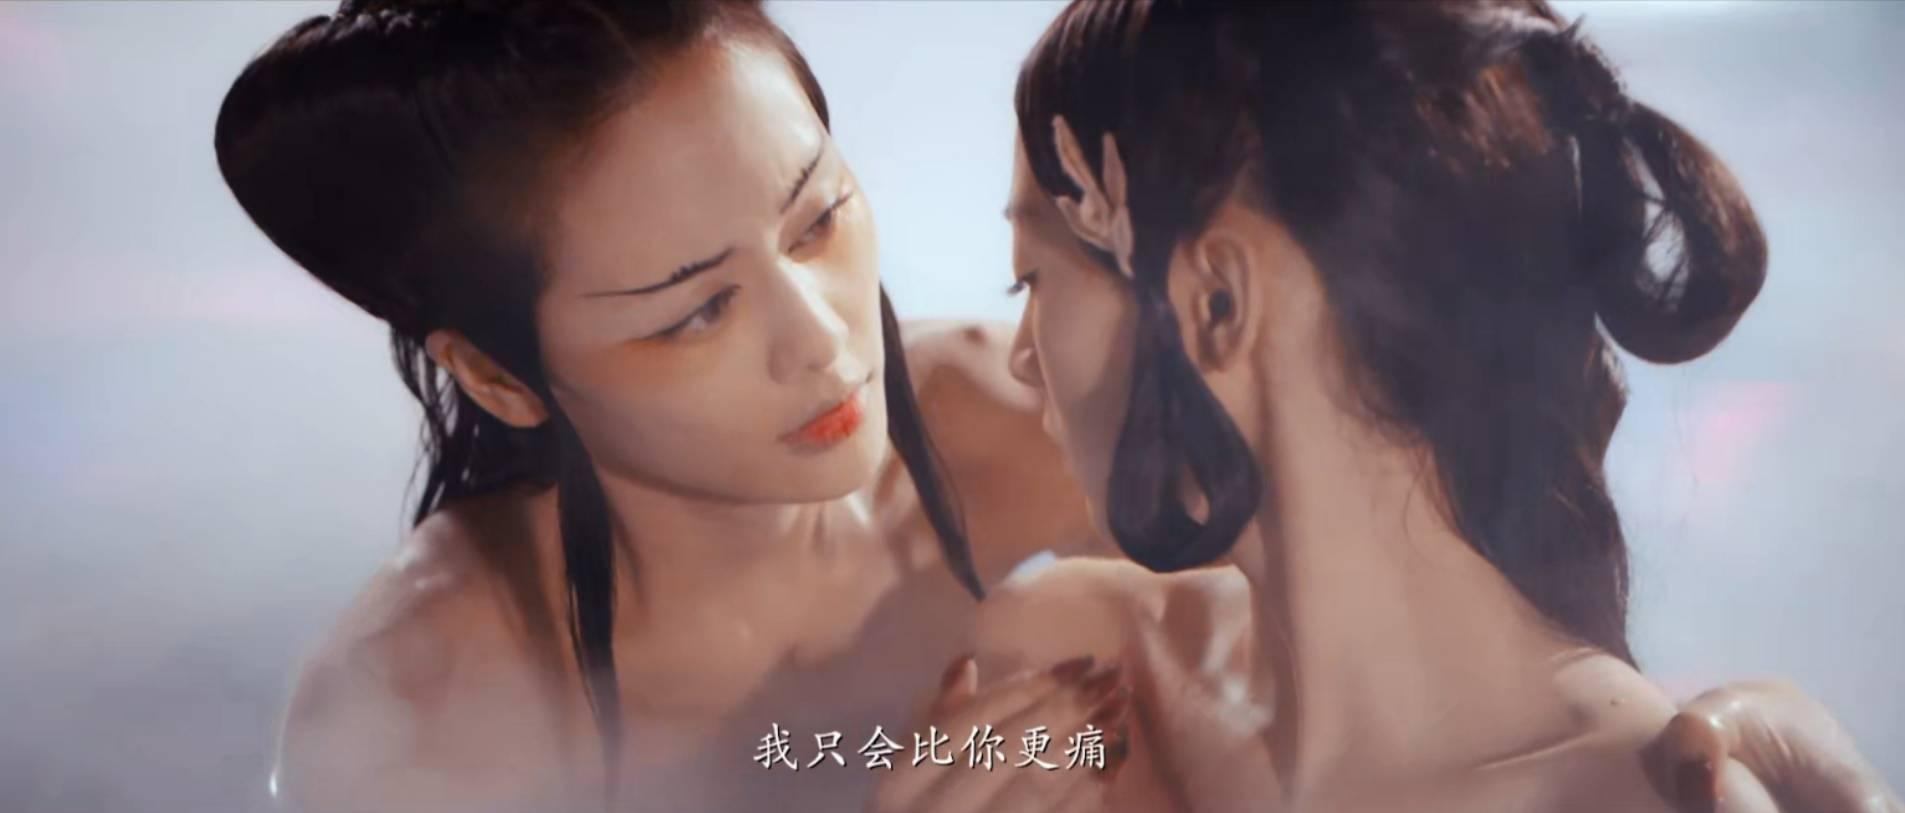 《奇花记》茅子俊爱上花妖姐妹 尘缘旧梦版先导预告片发布